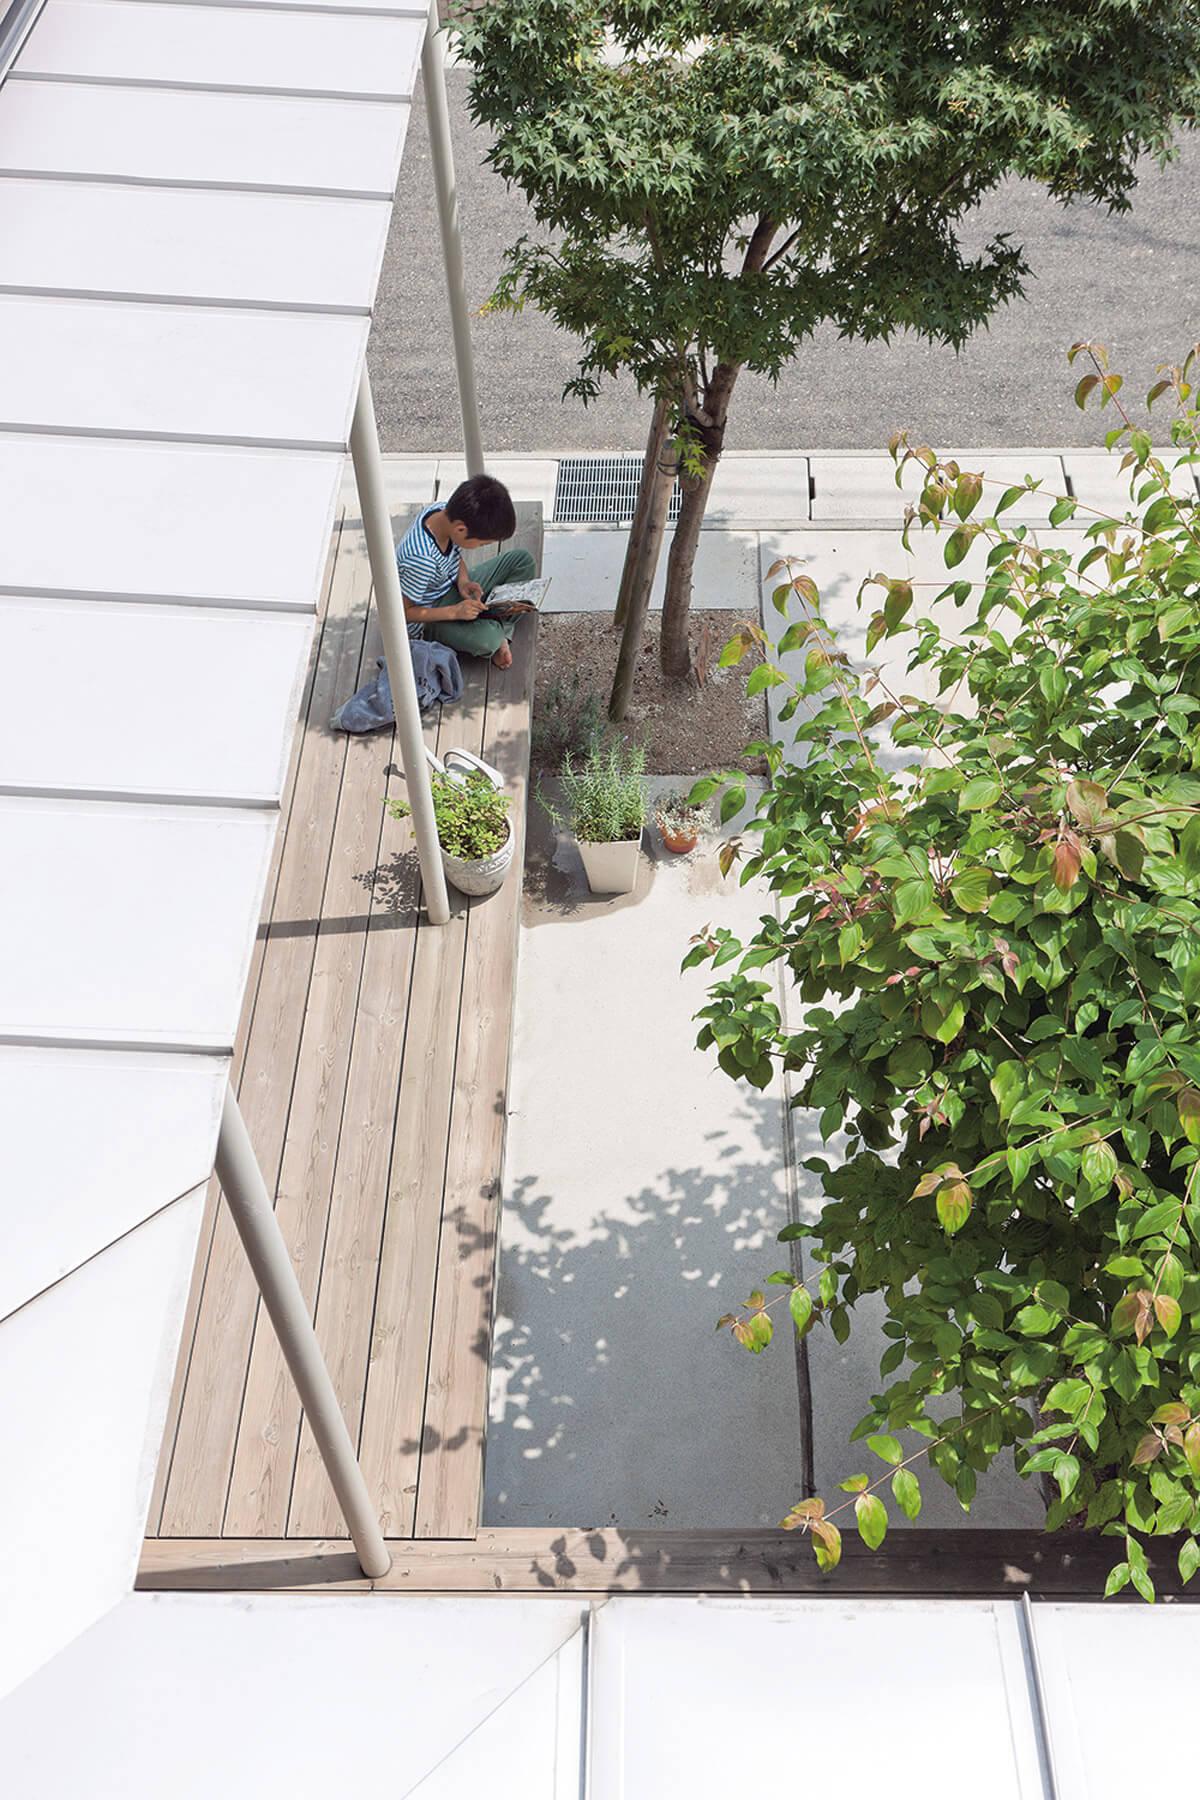 東側の子ども室から中庭を見下ろす。中庭に面した道路は近隣5世帯の共用部分であるため、周辺の環境まで考えてこの庭を設けたという